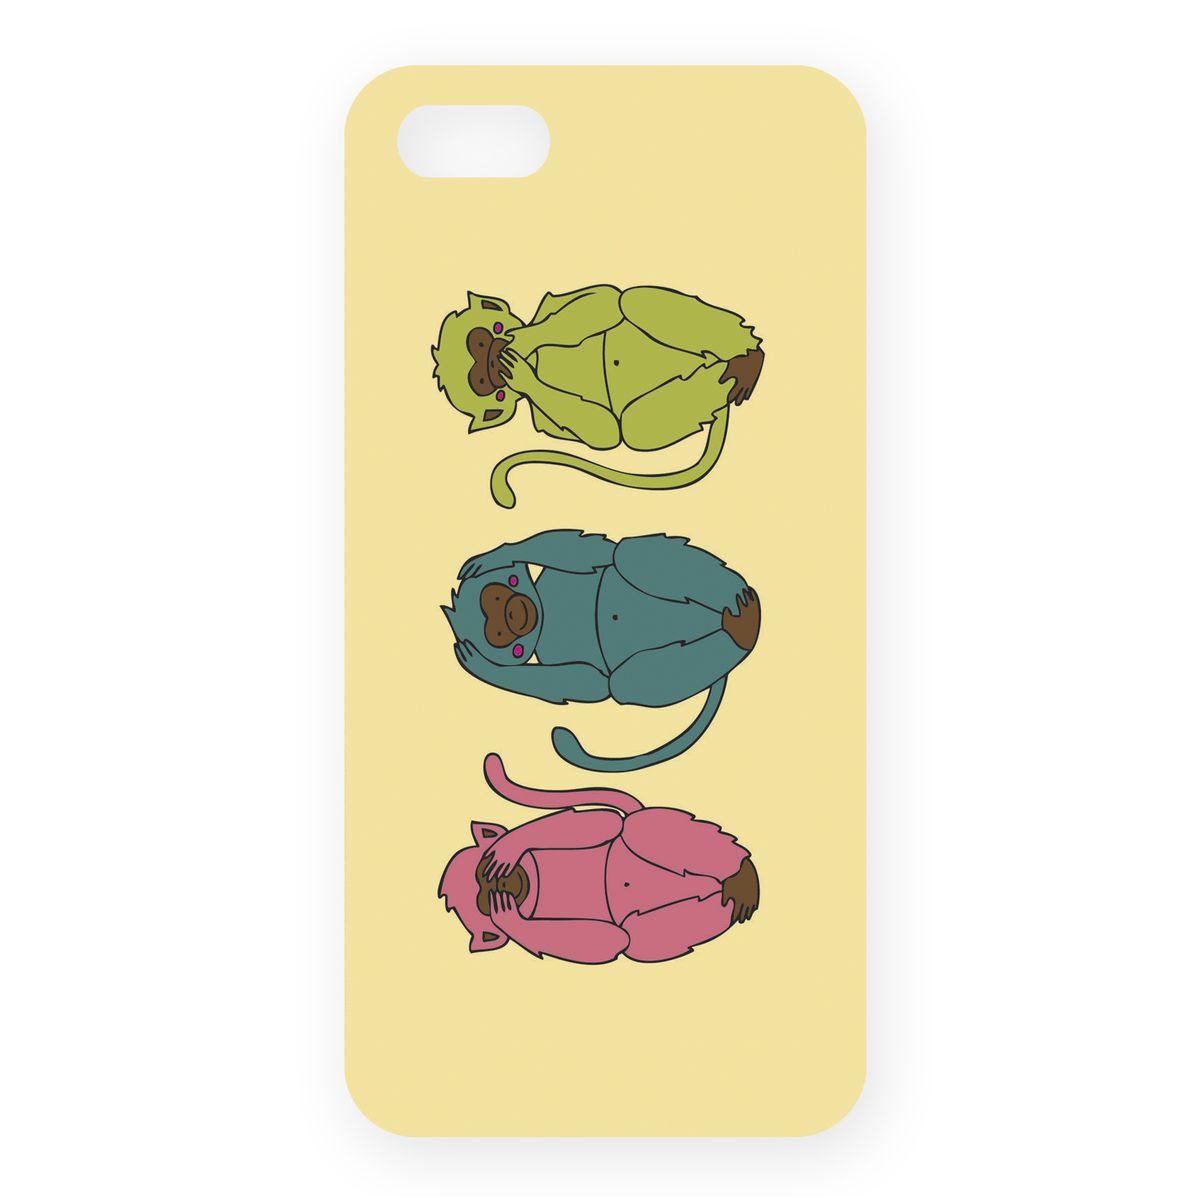 Mitya Veselkov Три мудрых обезьяны на светло-желтом чехол для Apple iPhone 5/5sIP5.МITYA-214Превосходный чехол Mitya Veselkov Три мудрых обезьяны на светло-желтом создан для любителей заметных аксессуаров. Накладка придаст вашему телефону индивидуальность и послужит прекрасной защитой от ударов и царапин. Чехол также обеспечивает свободный доступ ко всем разъемам и клавишам устройства.